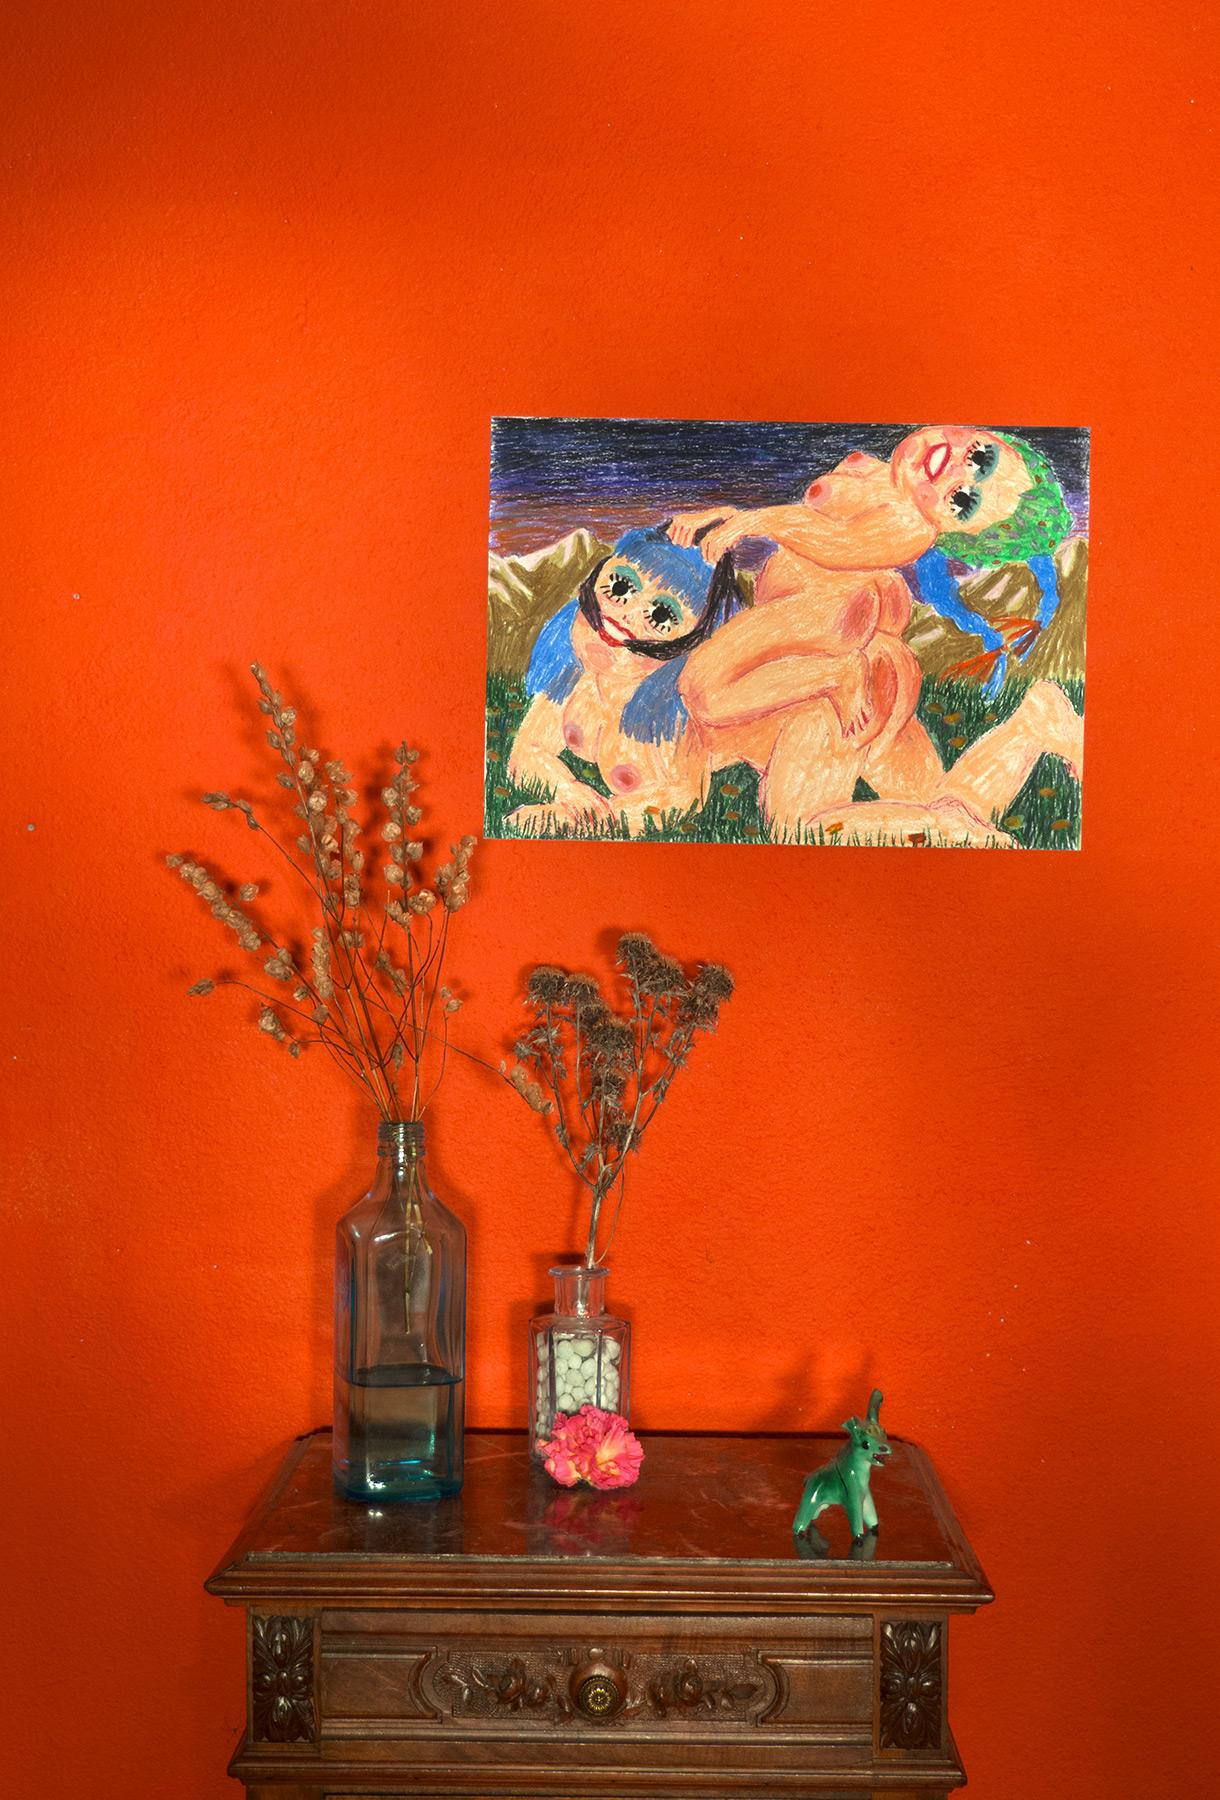 kunsttryk, tegninger, gicleé, farverige, kroppe, humor, stemninger, mennesker, seksualitet, pastel, blæk, papir, sjove, samtidskunst, dansk, erotiske, kvindelig, feminist, interiør, bolig-indretning, moderne, moderne-kunst, nordisk, nøgen, seksuel, teenage, underlig, kvinder, Køb original kunst og kunstplakater. Malerier, tegninger, limited edition kunsttryk & plakater af dygtige kunstnere.